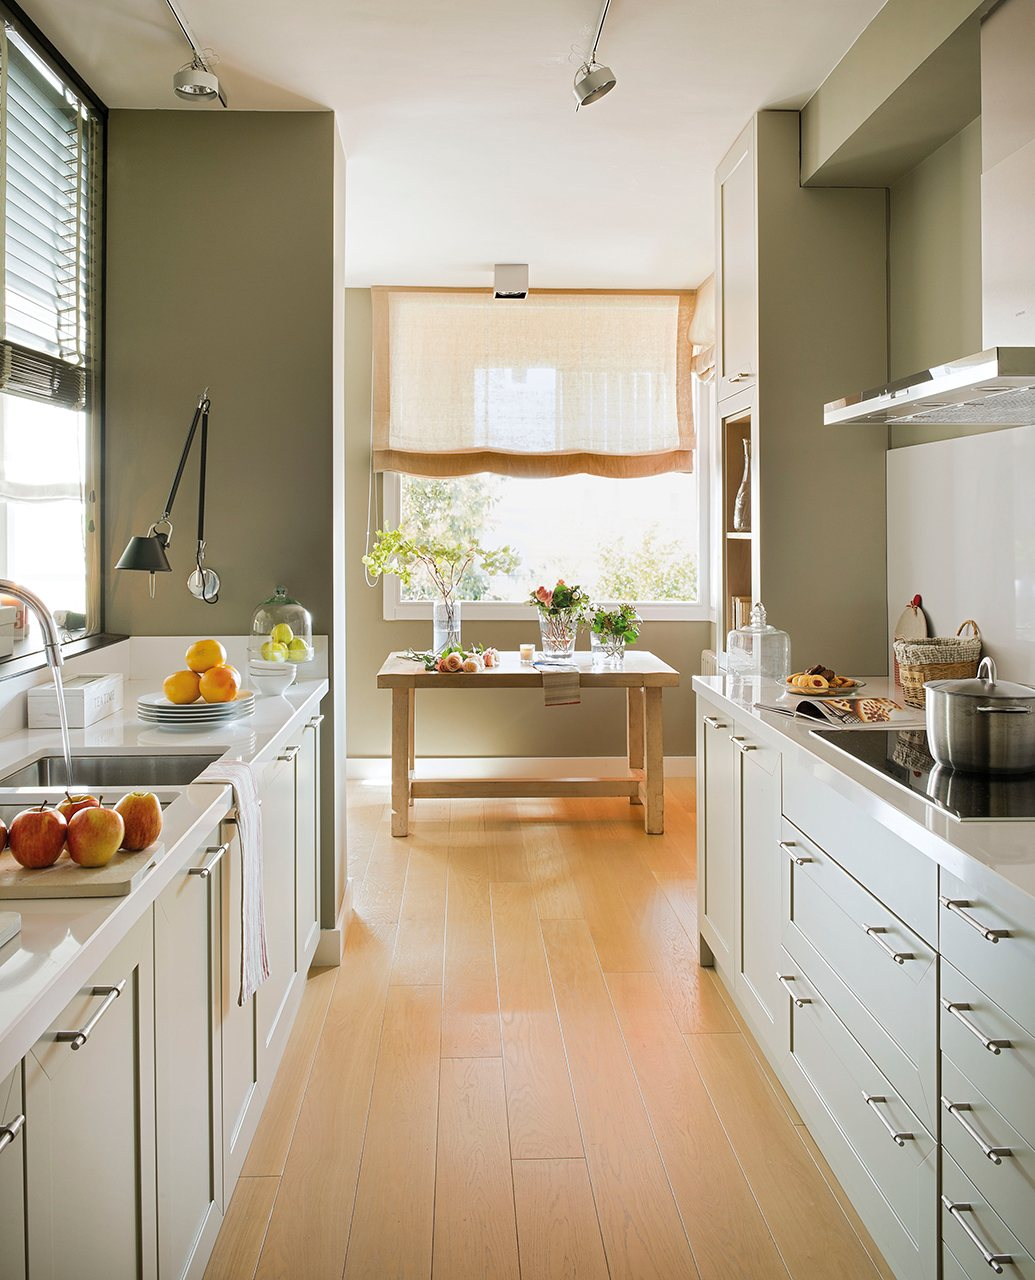 Decotips una cocina larga y estrecha no es problema for Mesa cocina estrecha